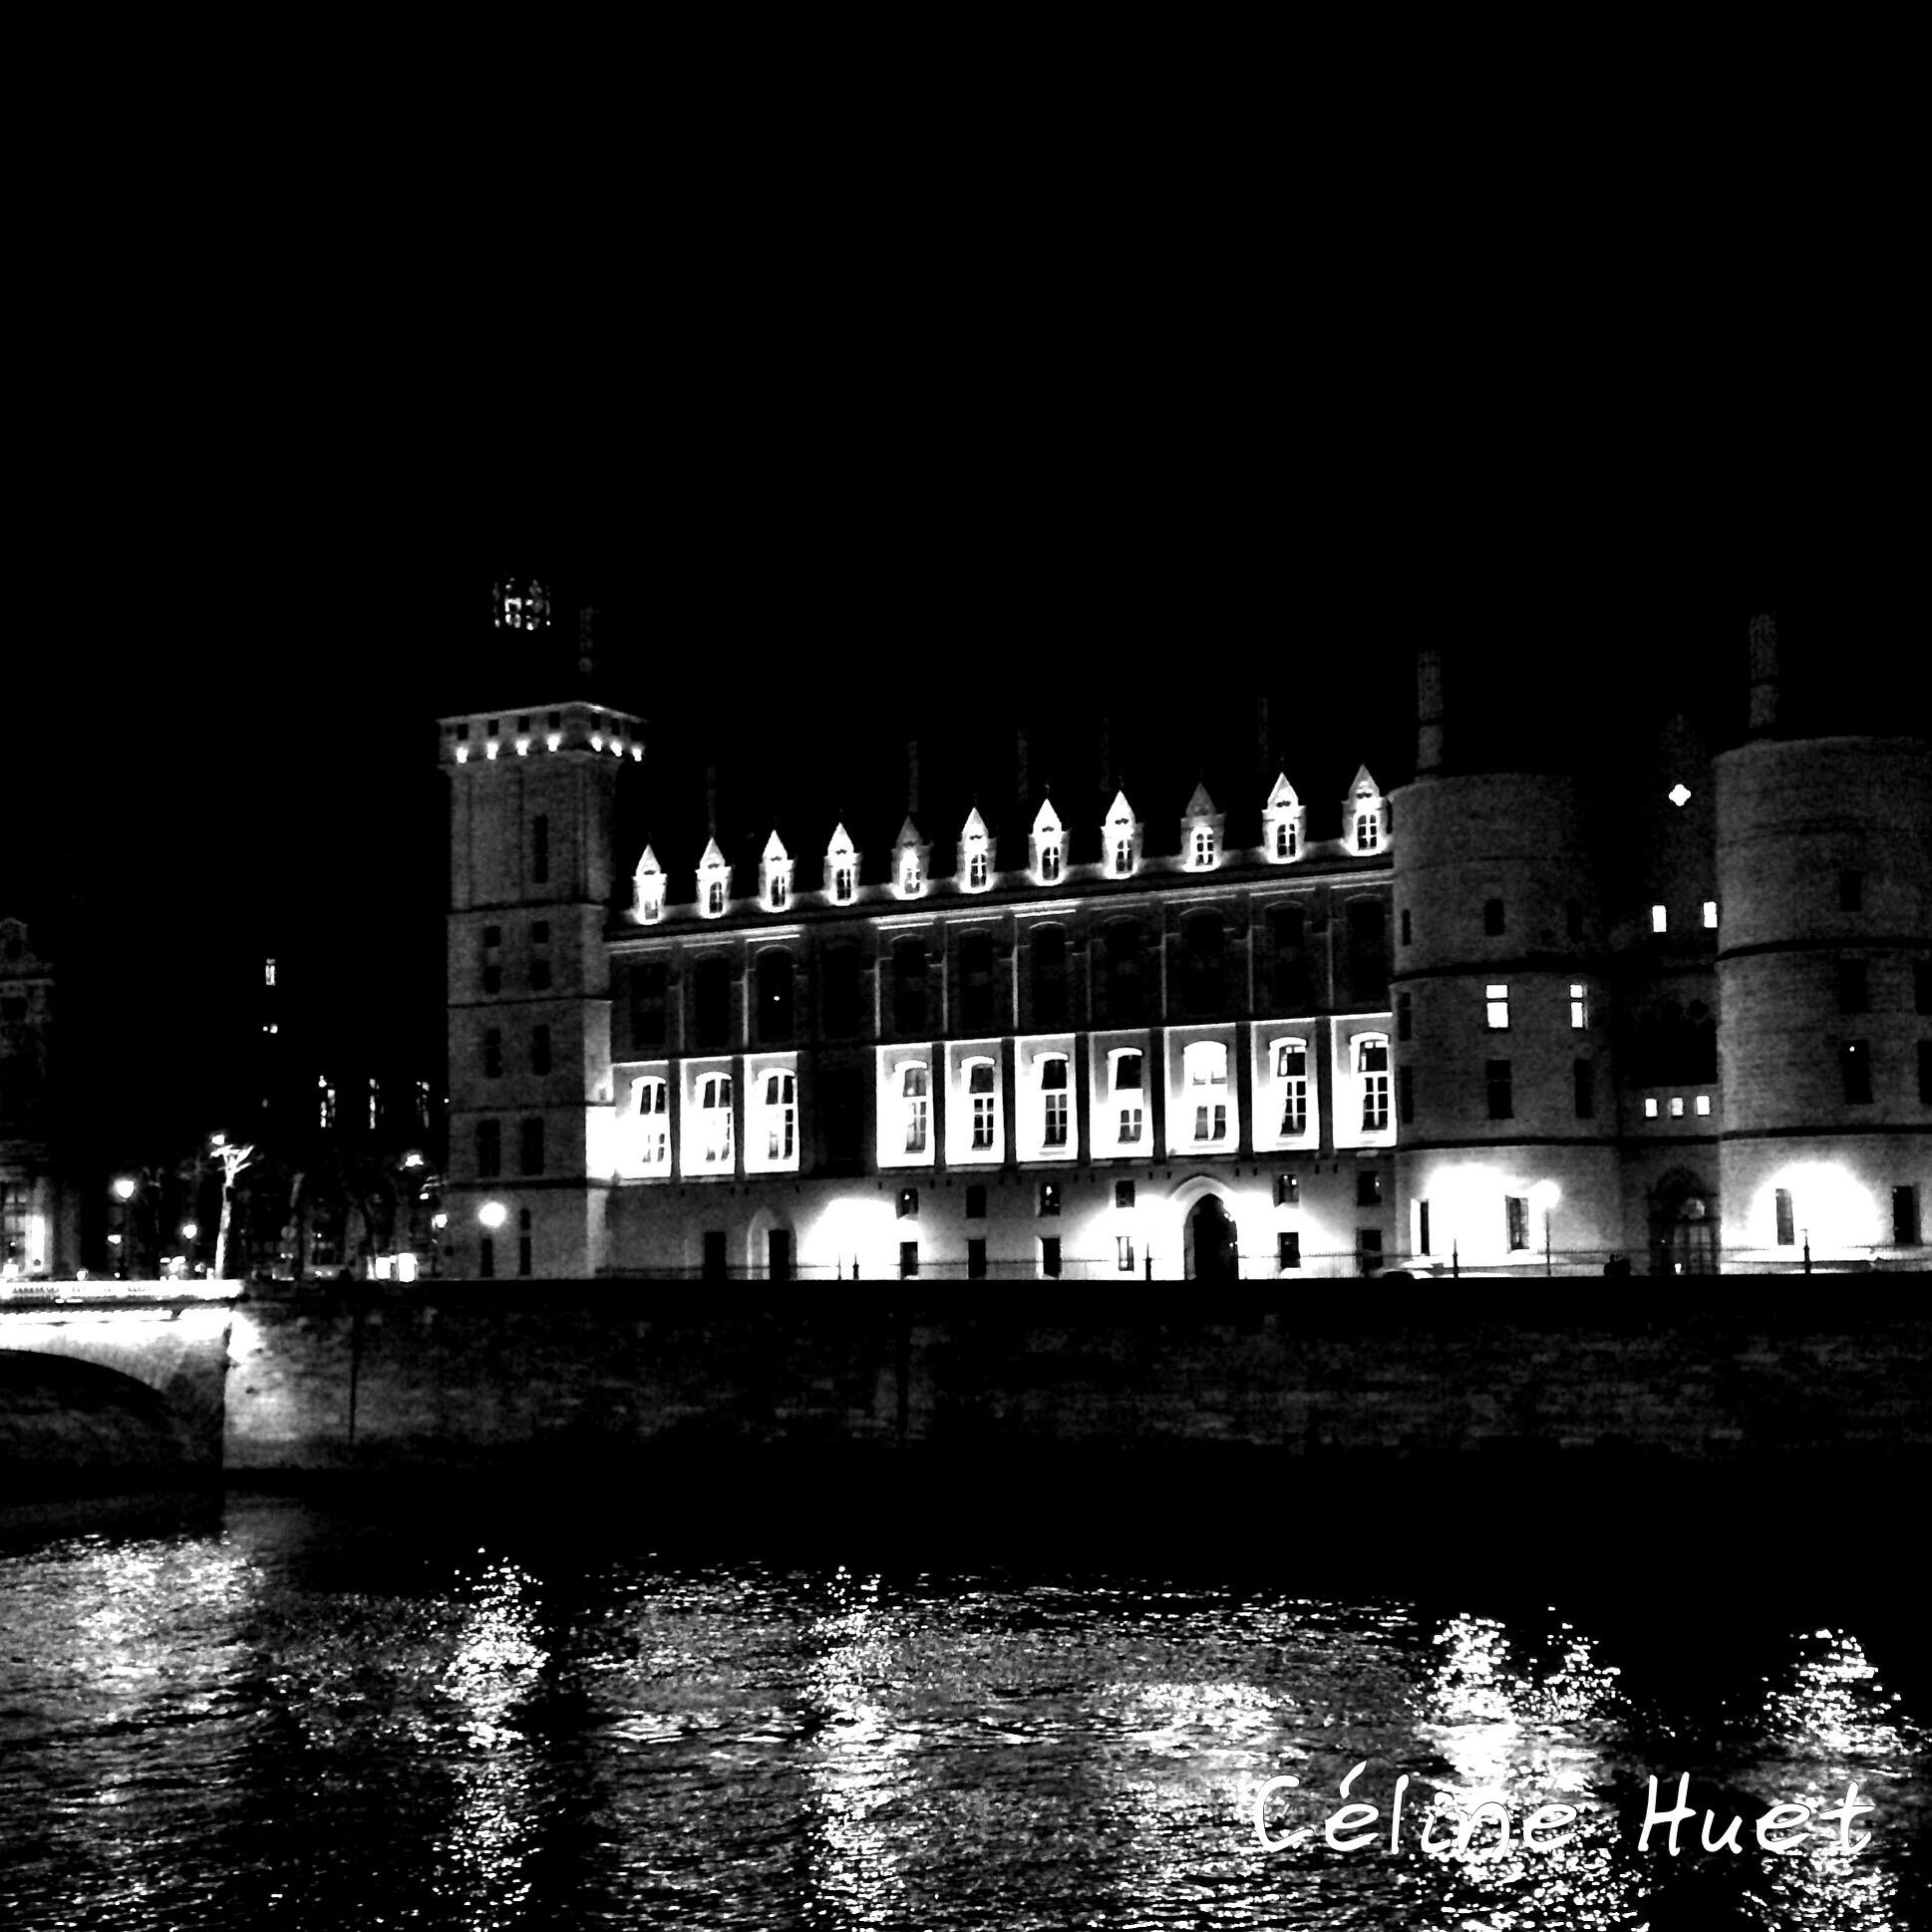 La conciergerie Paris France